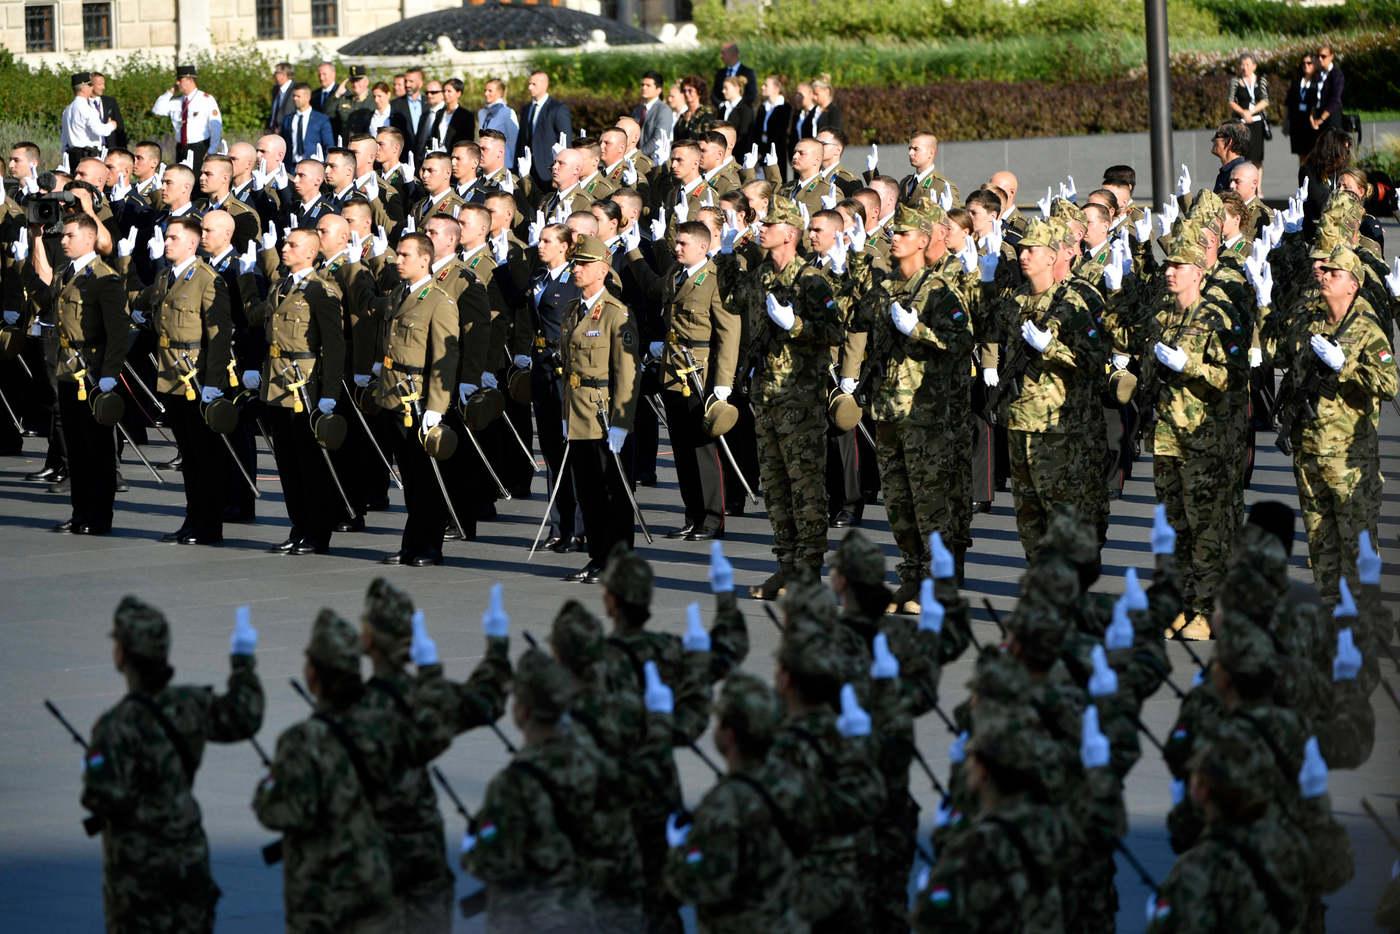 A honvédtisztjelöltek eskütétele az államalapító Szent István király ünnepe alkalmából tartott díszünnepségen és tisztavatáson az Országház elõtt, a Kossuth Lajos téren 2020. augusztus 20-án. MTI/Máthé Zoltán